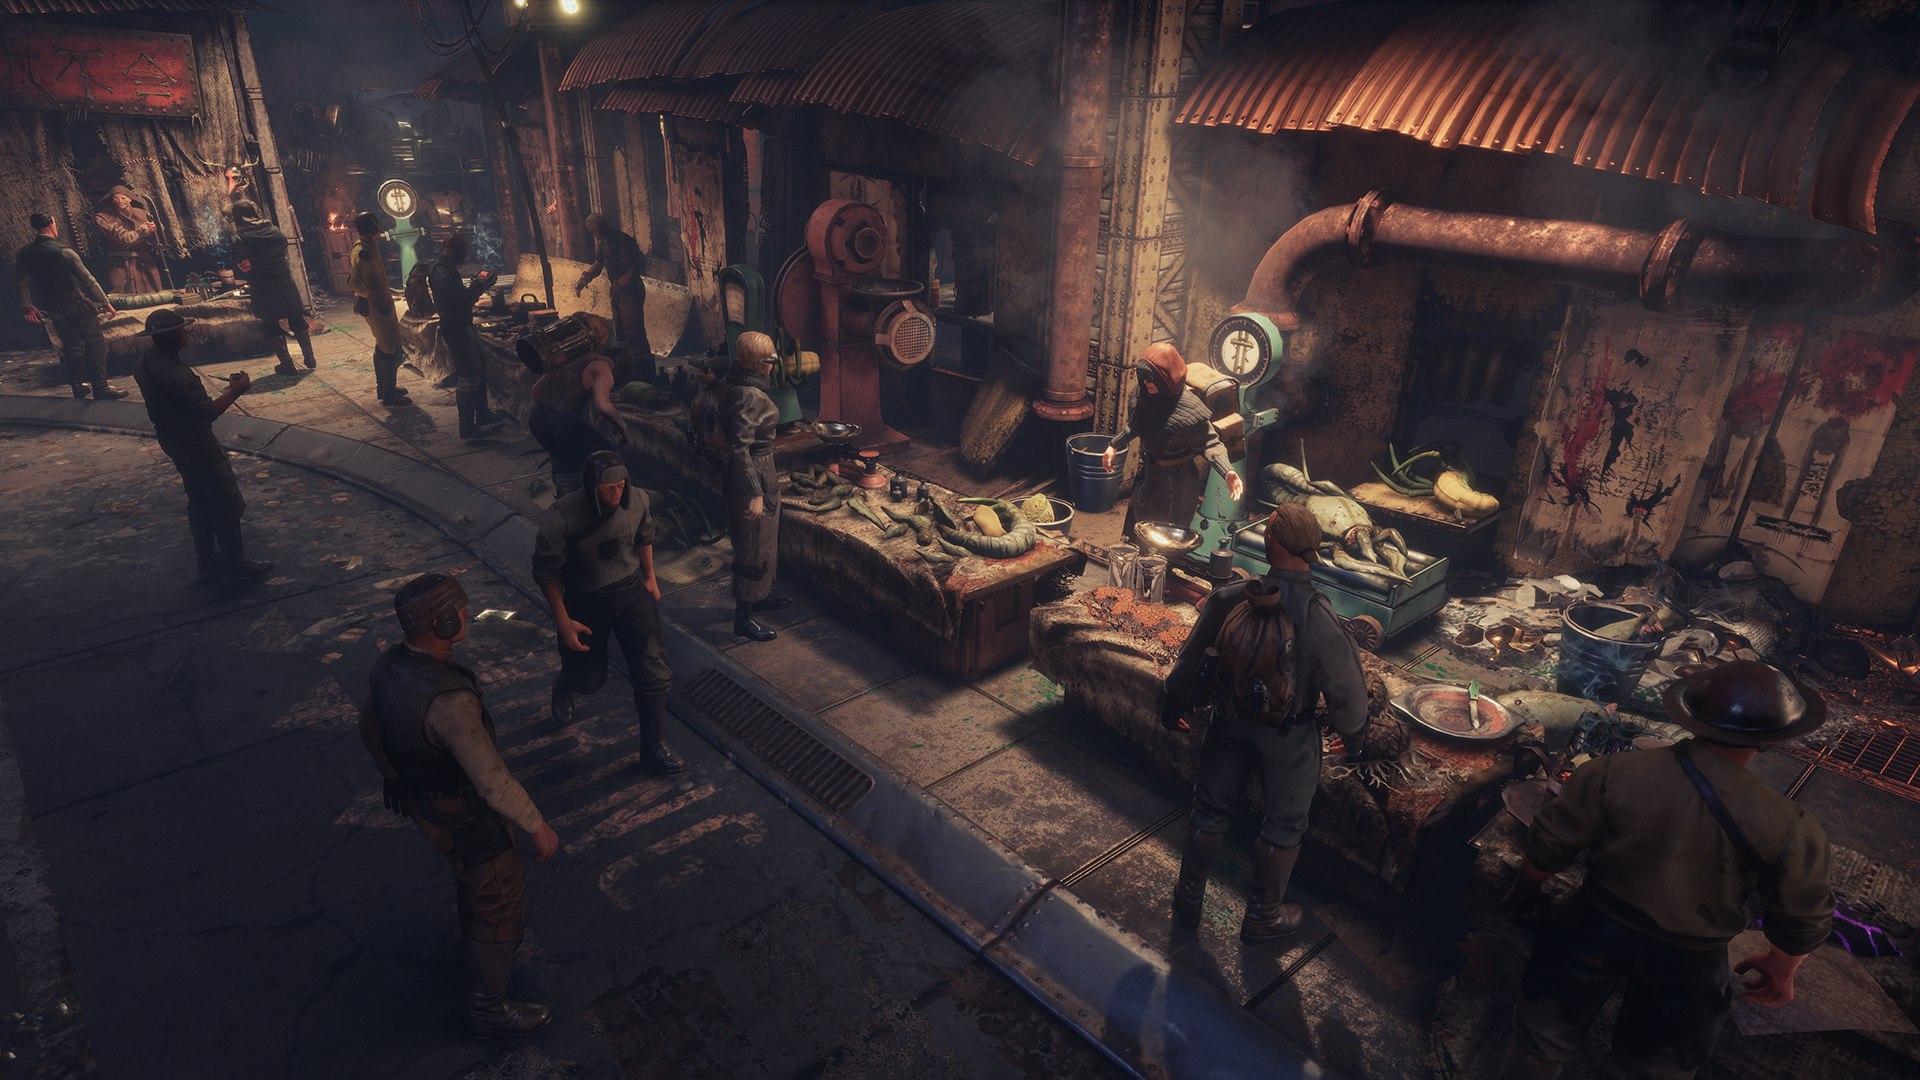 HeroCraft издаст INSOMNIA, ретрофутуристическую версию Dark Souls от разработчиков из Самары